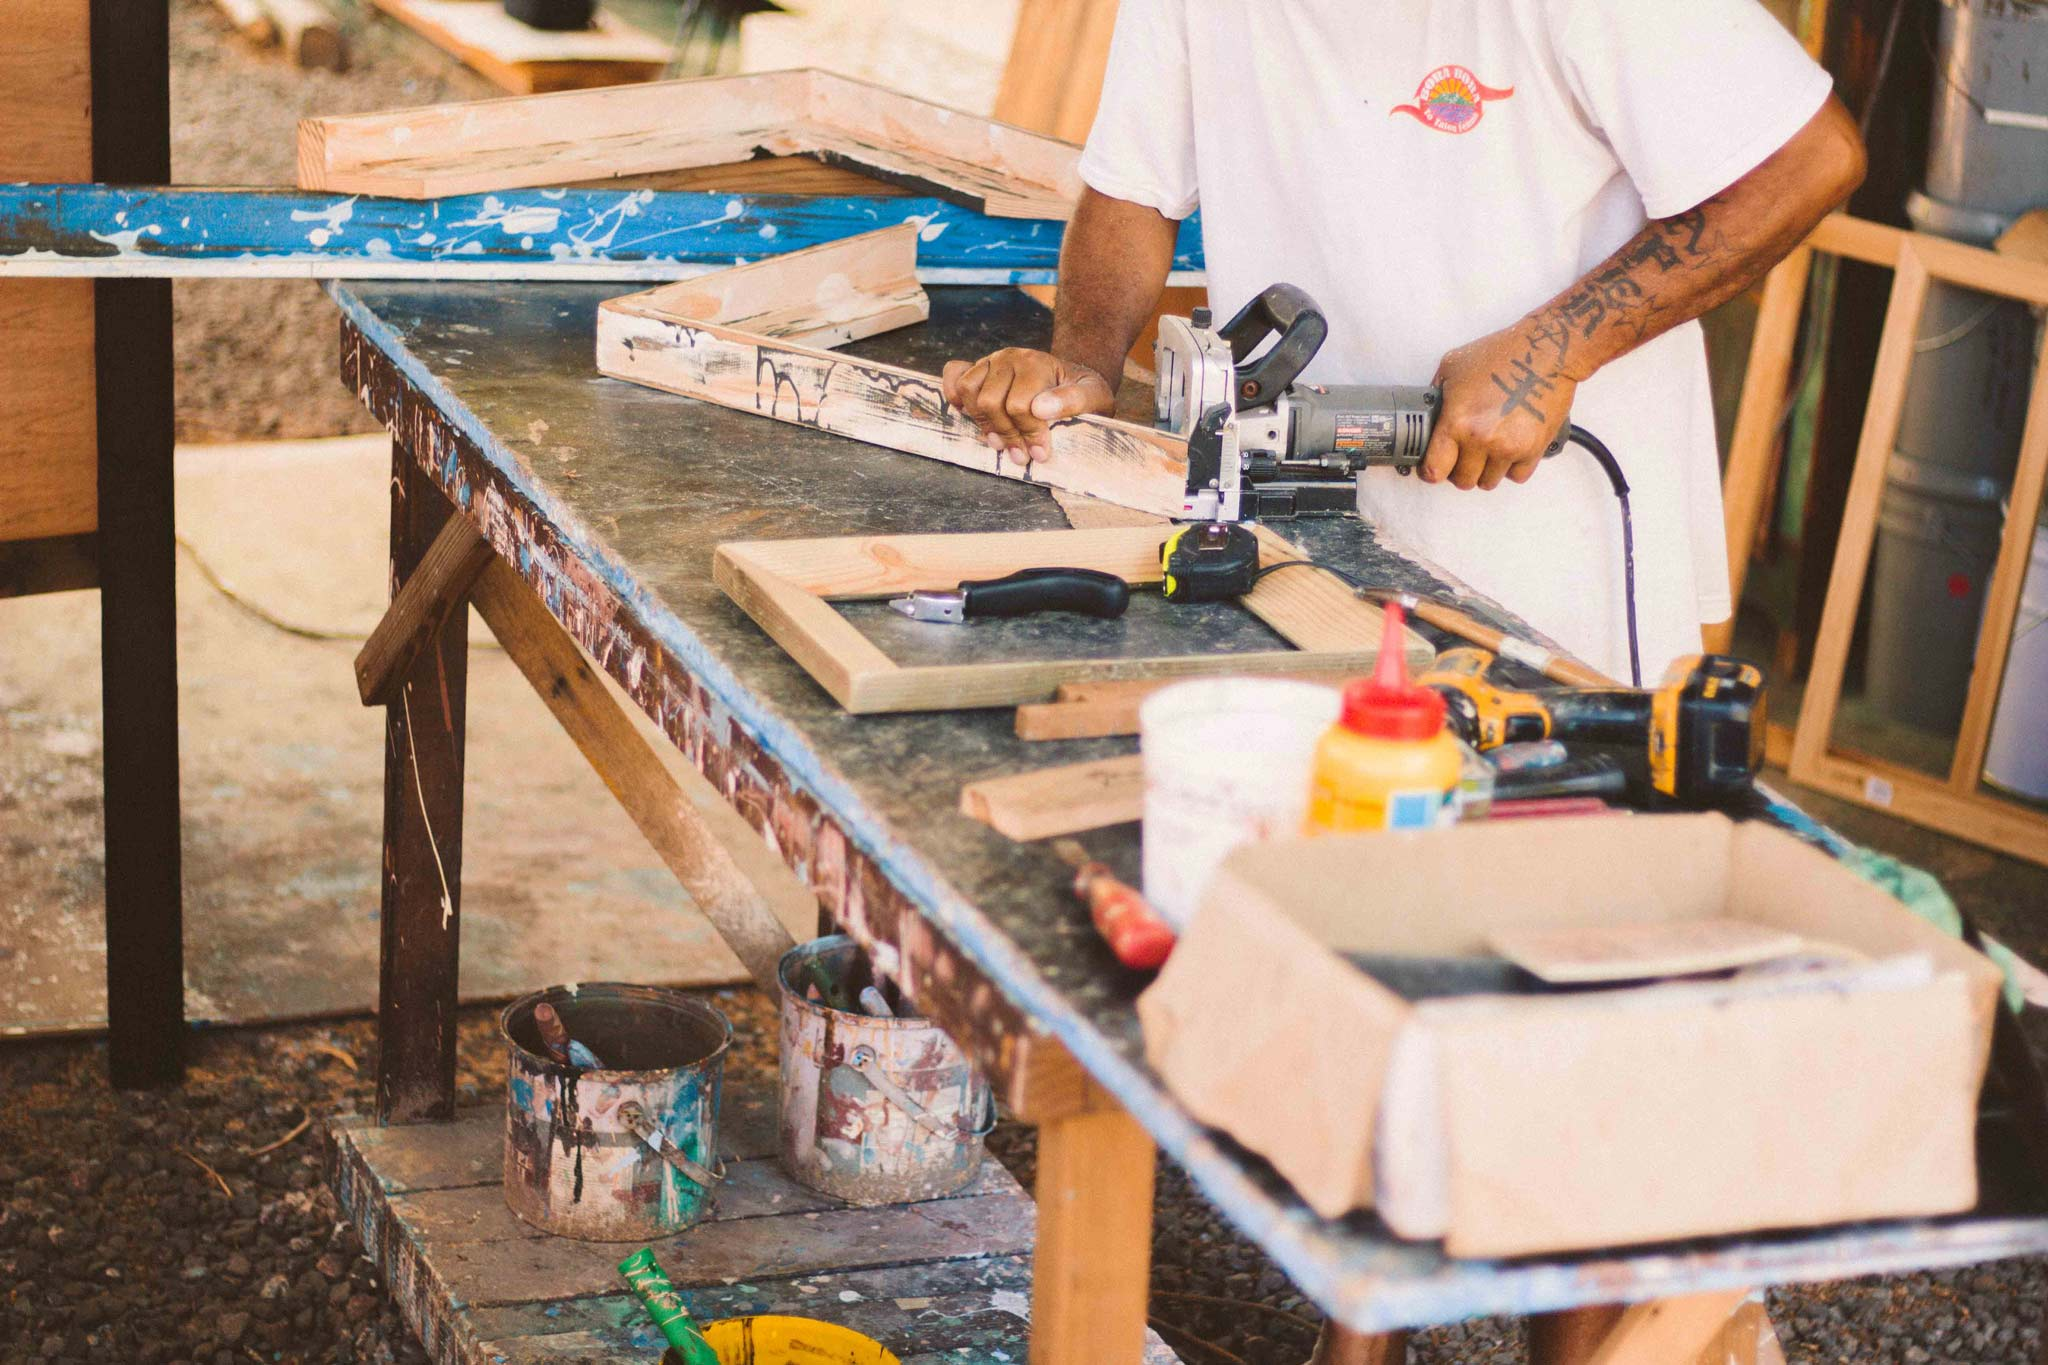 bora bora french polynesia jean-pierre frey